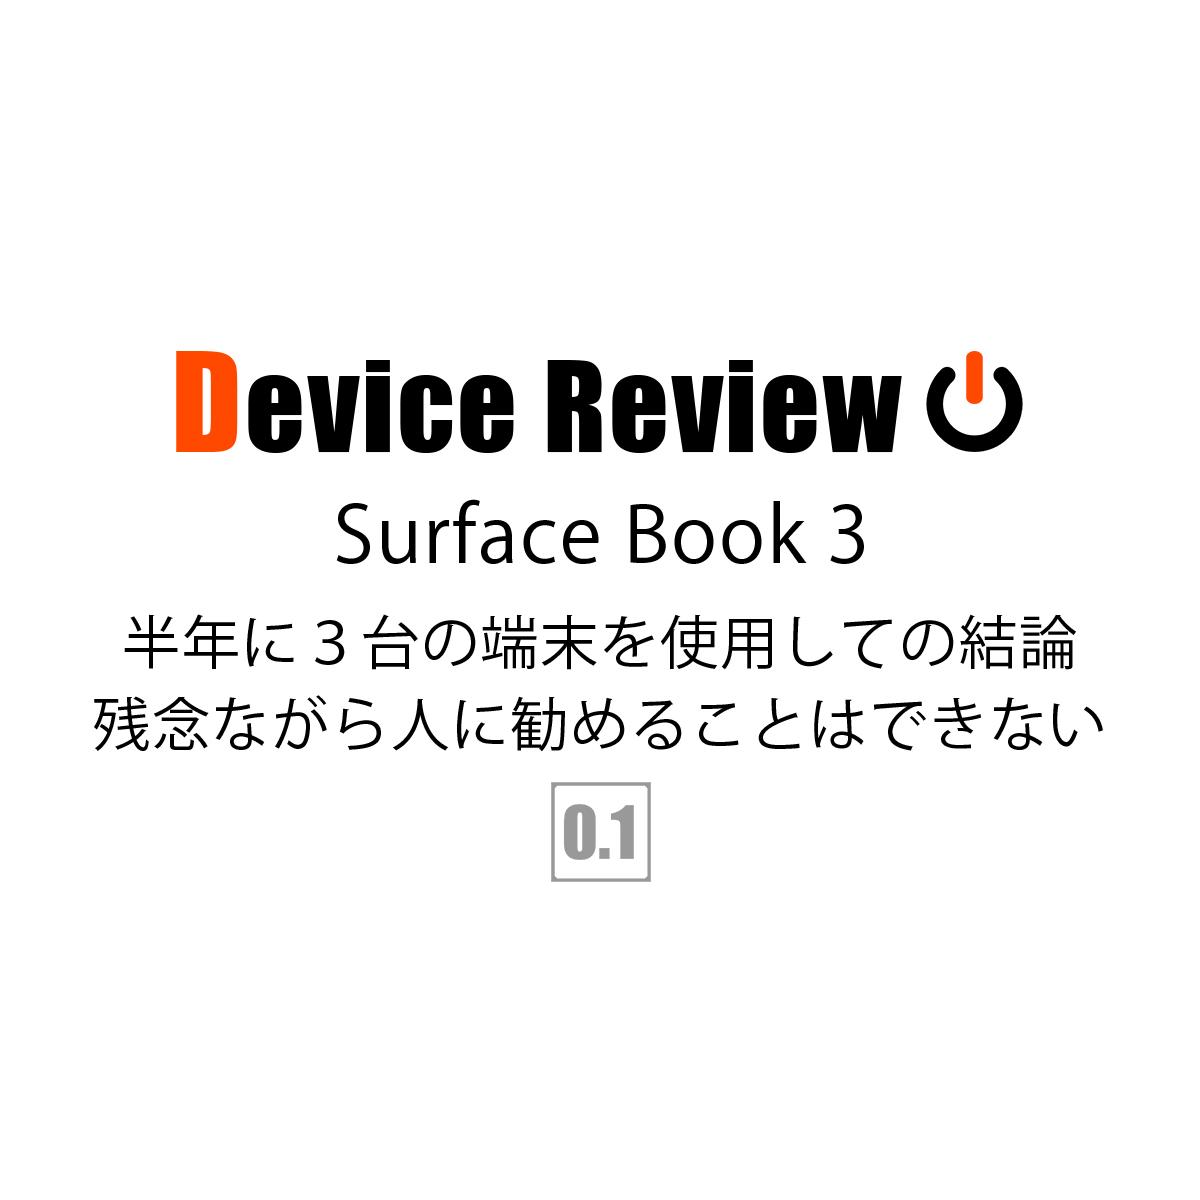 【Surface Book 3】半年に3台の端末を使用して、解決しなかったトラブルを共有します